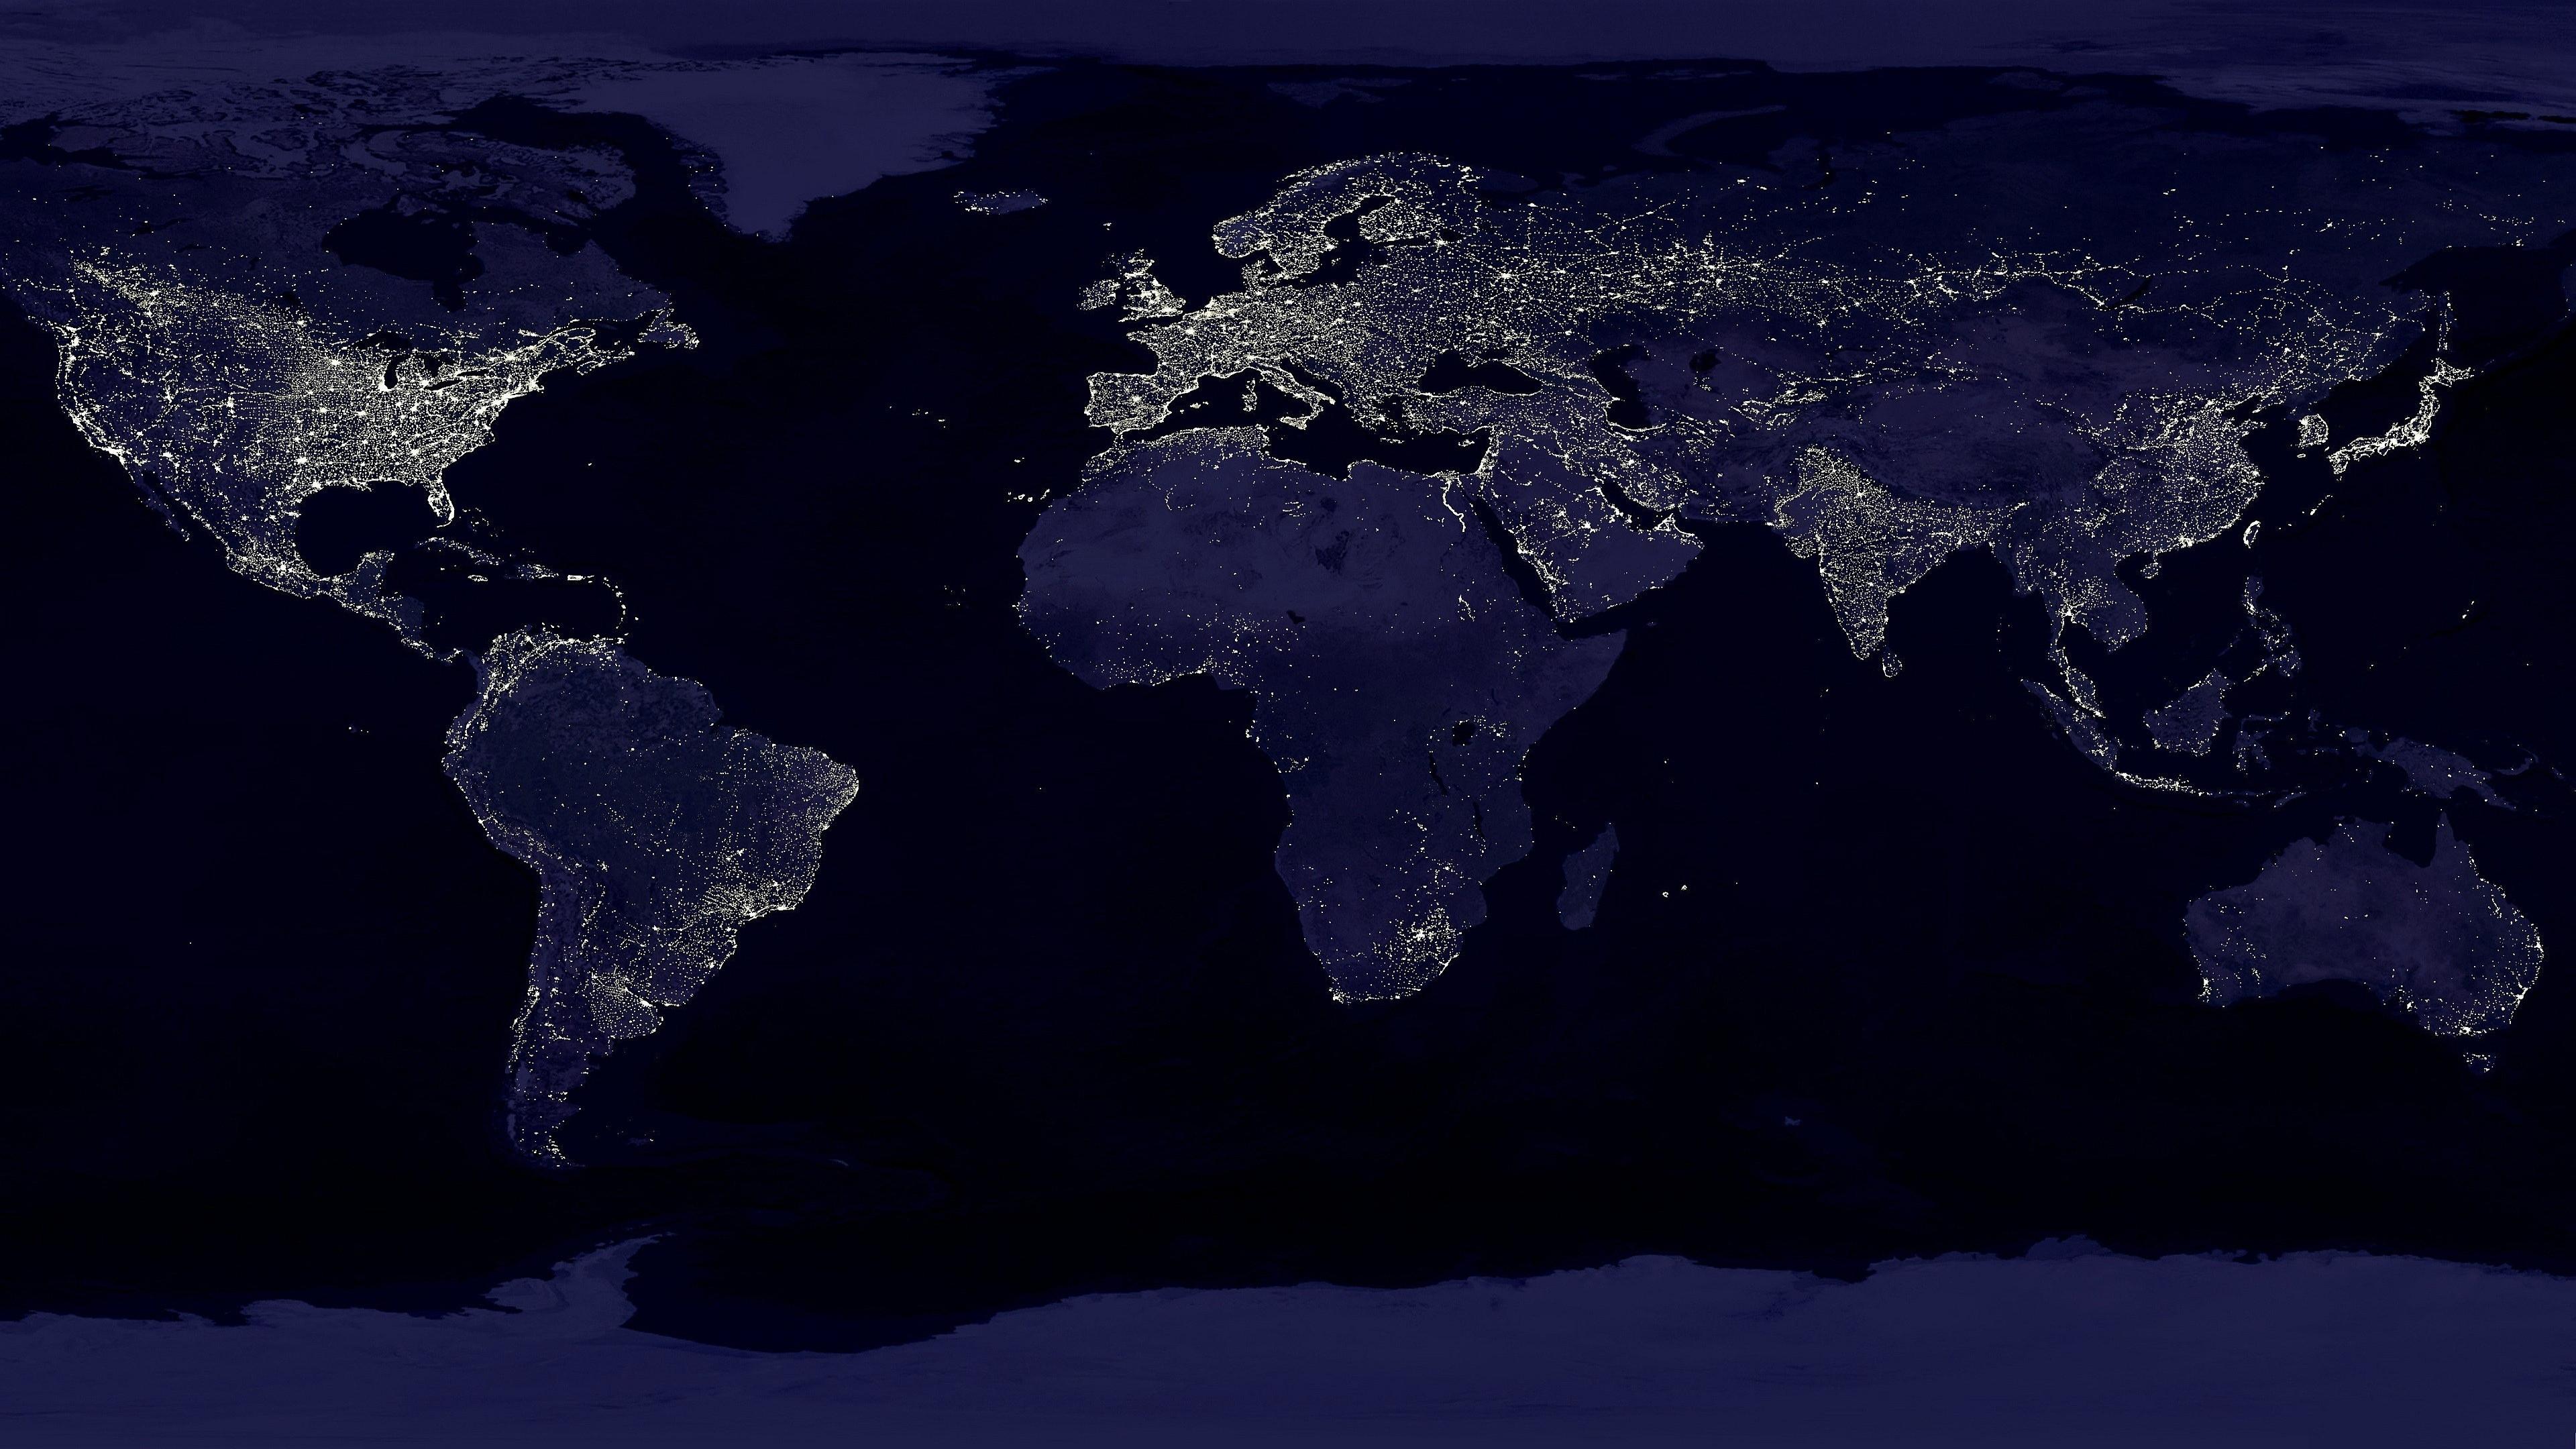 Earth At Night [3840x2160] iimgurcom 3840x2160